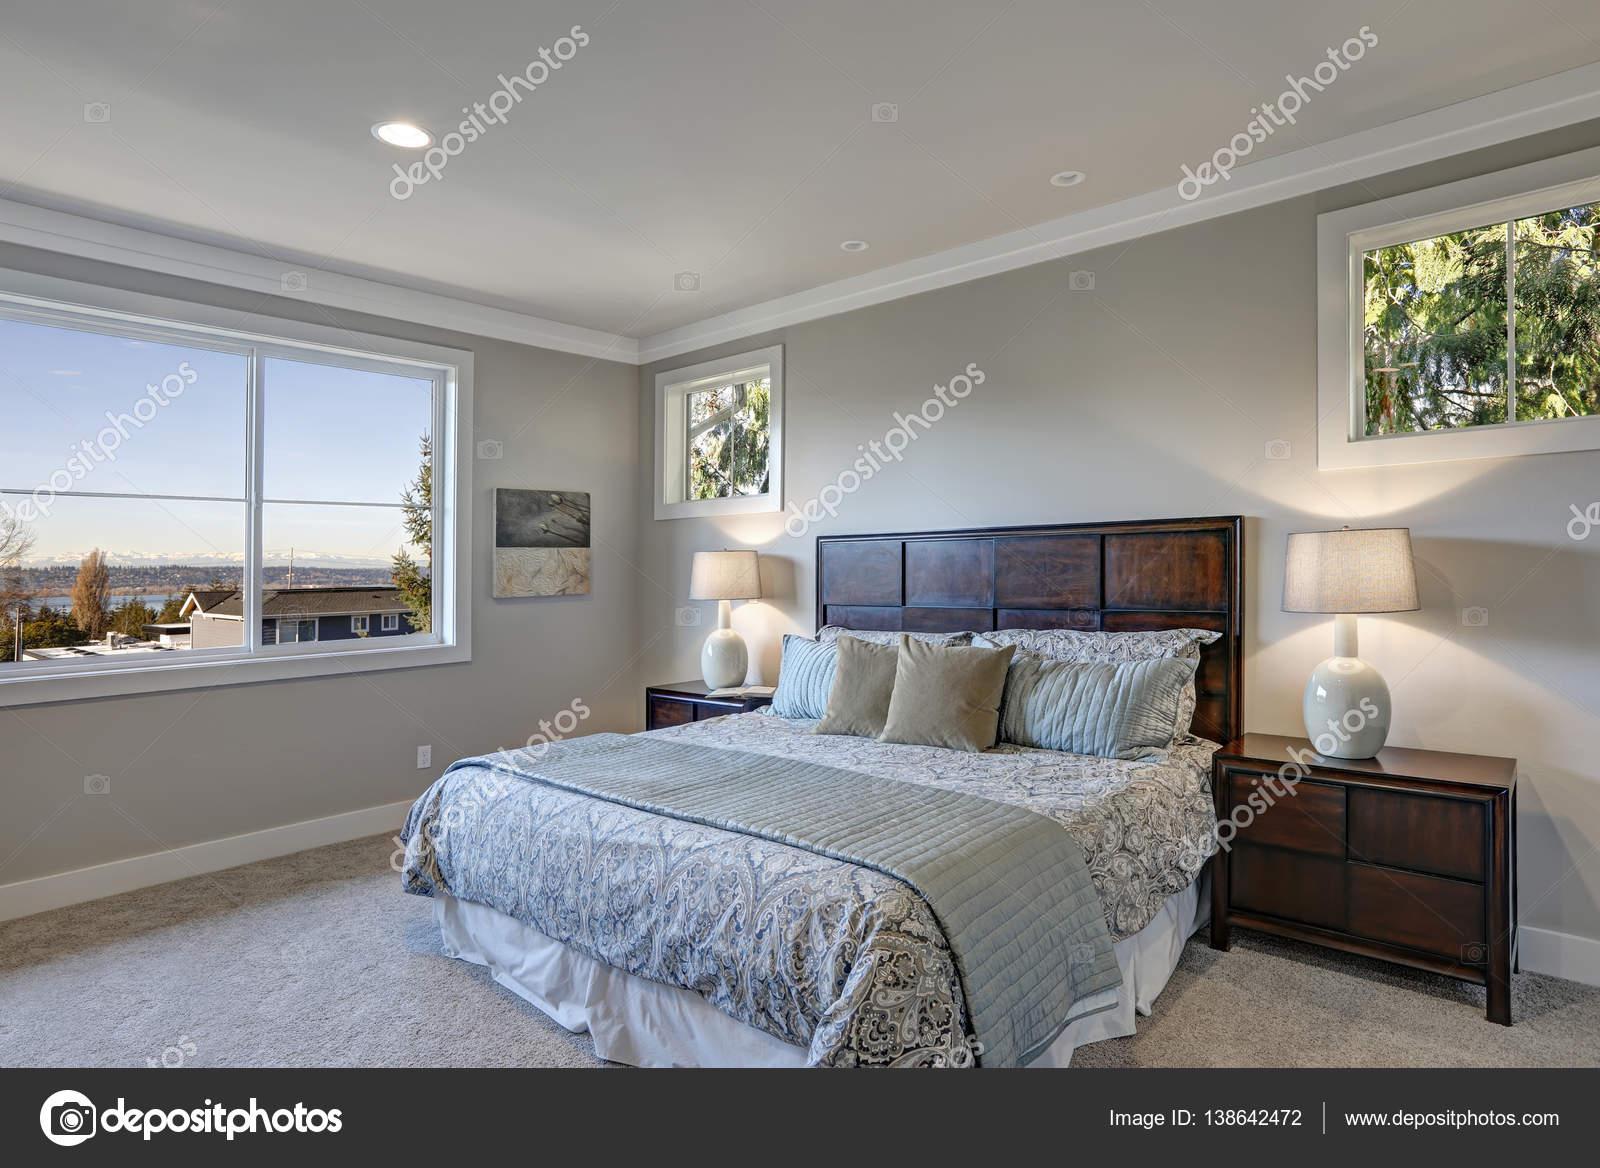 Disegno grigio camera da letto con letto queen size — Foto Stock ...